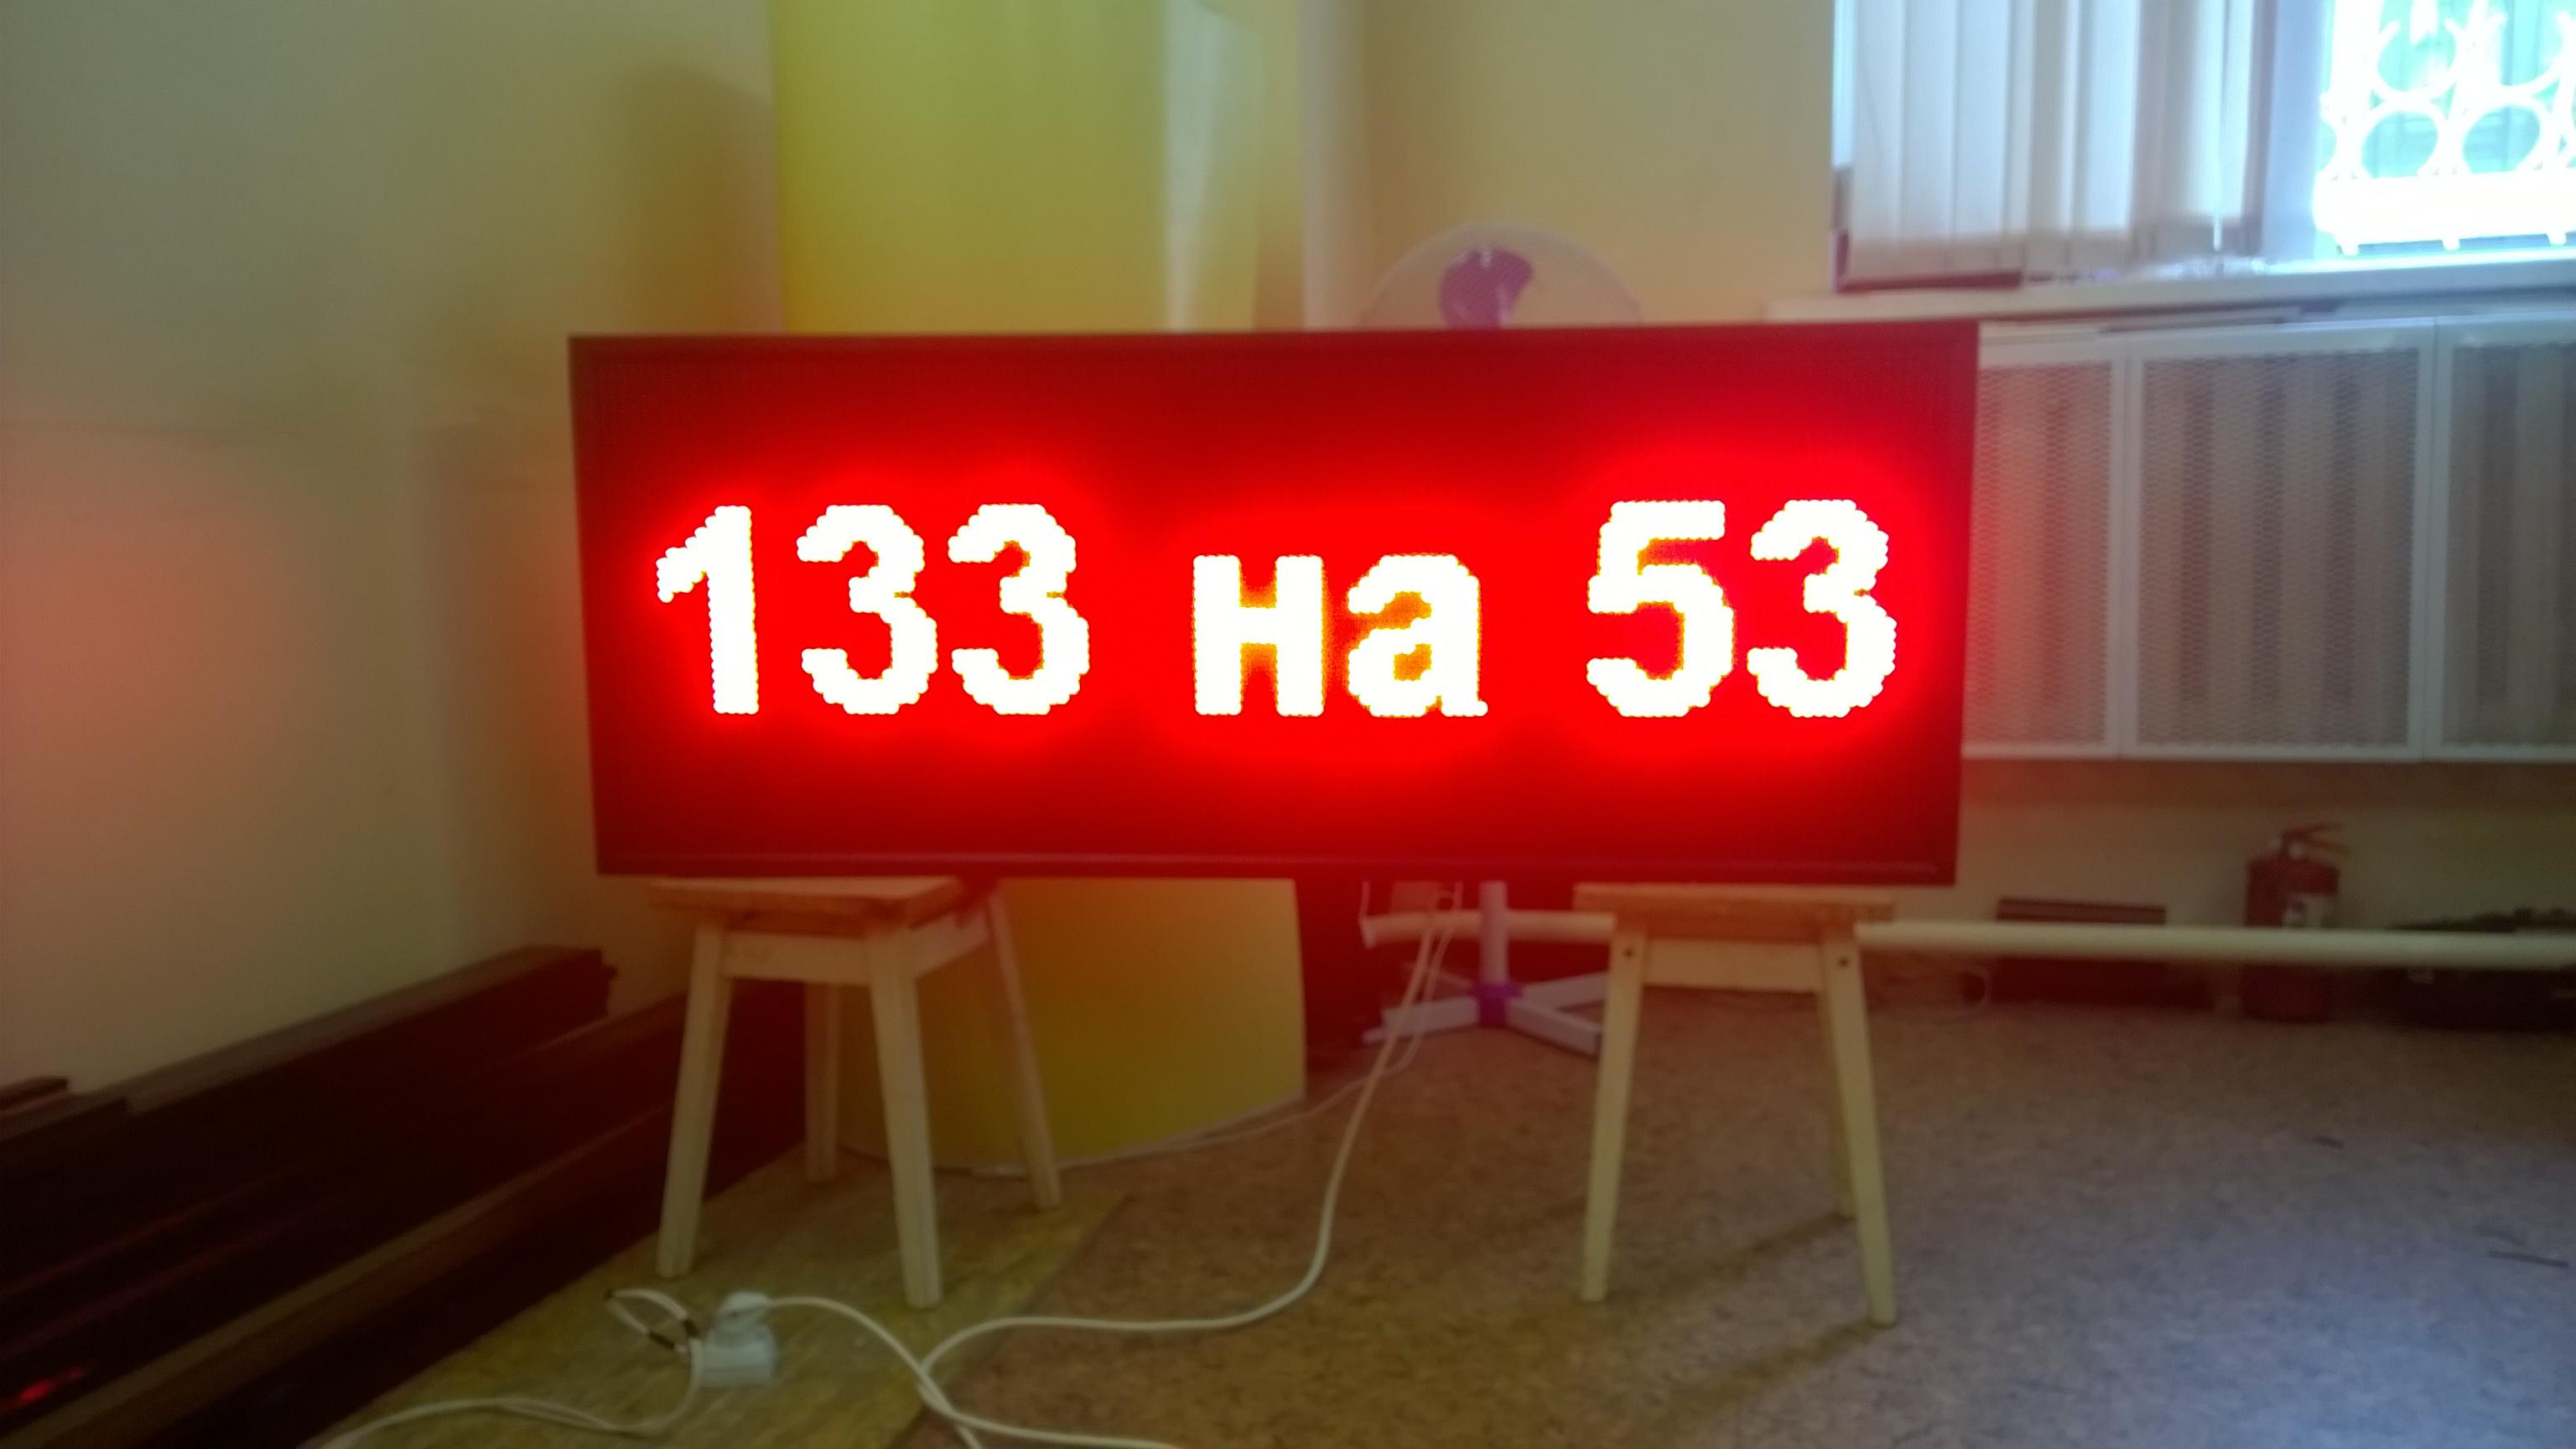 светодиодная строка 133 на 53 см